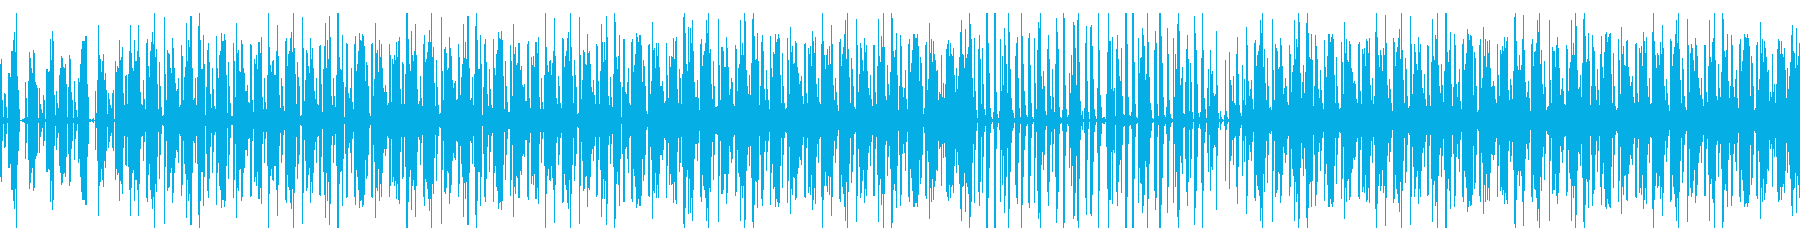 お洒落で大人な雰囲気の落ち着いた曲ループの再生済みの波形